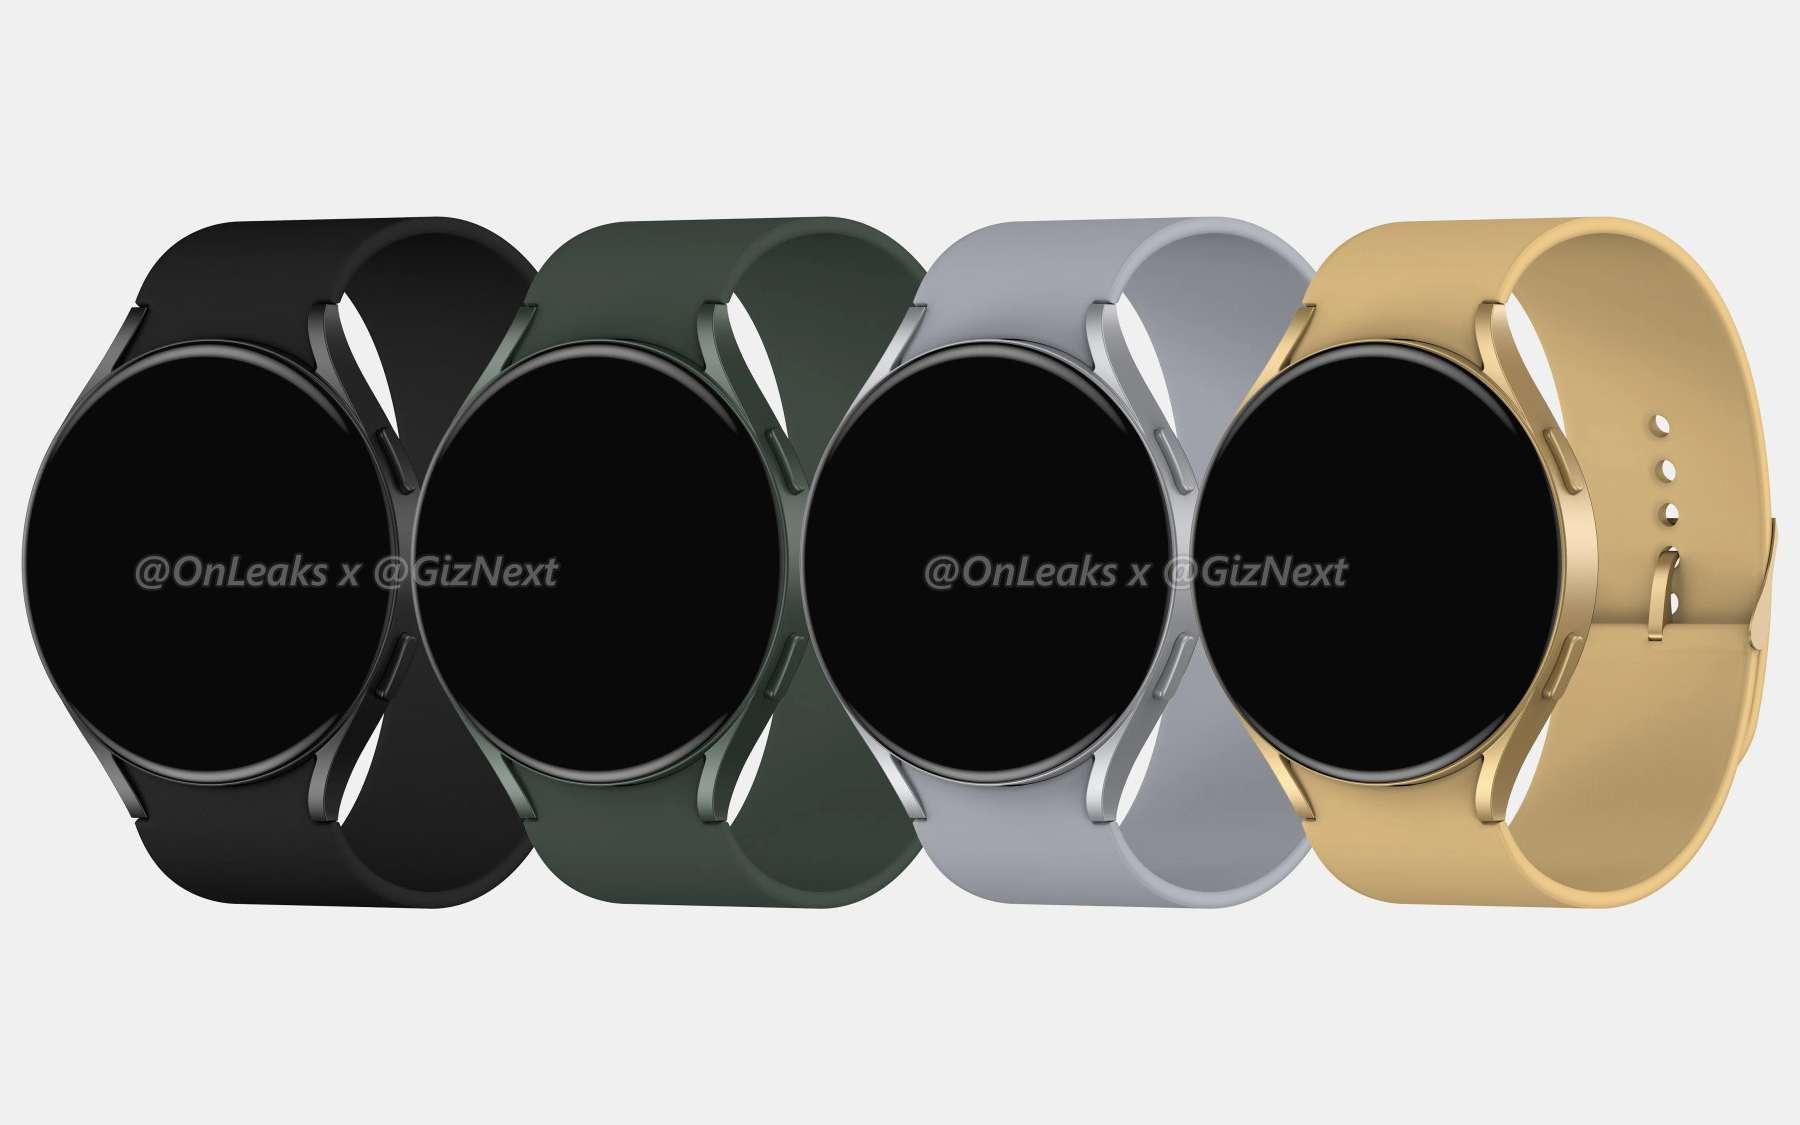 Un rendu de ce à quoi pourrait ressembler la nouvelle montre connectée Samsung Galaxy Watch 4. © OnLeaks et GizNext